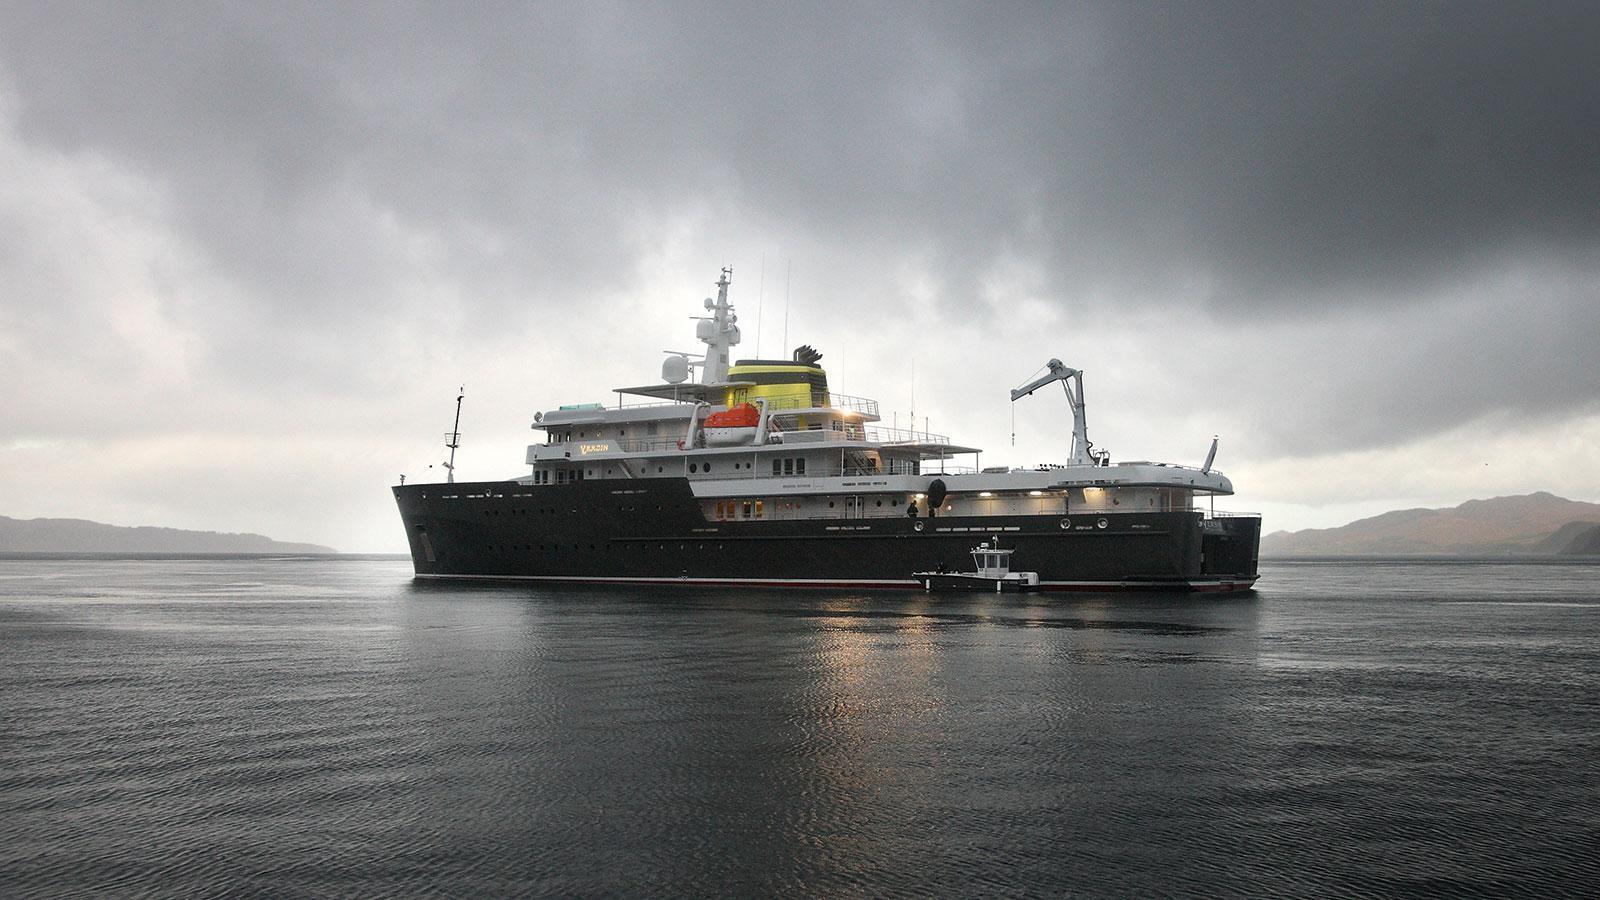 yersin-explorer-yacht-piriou-2015-77m-profile